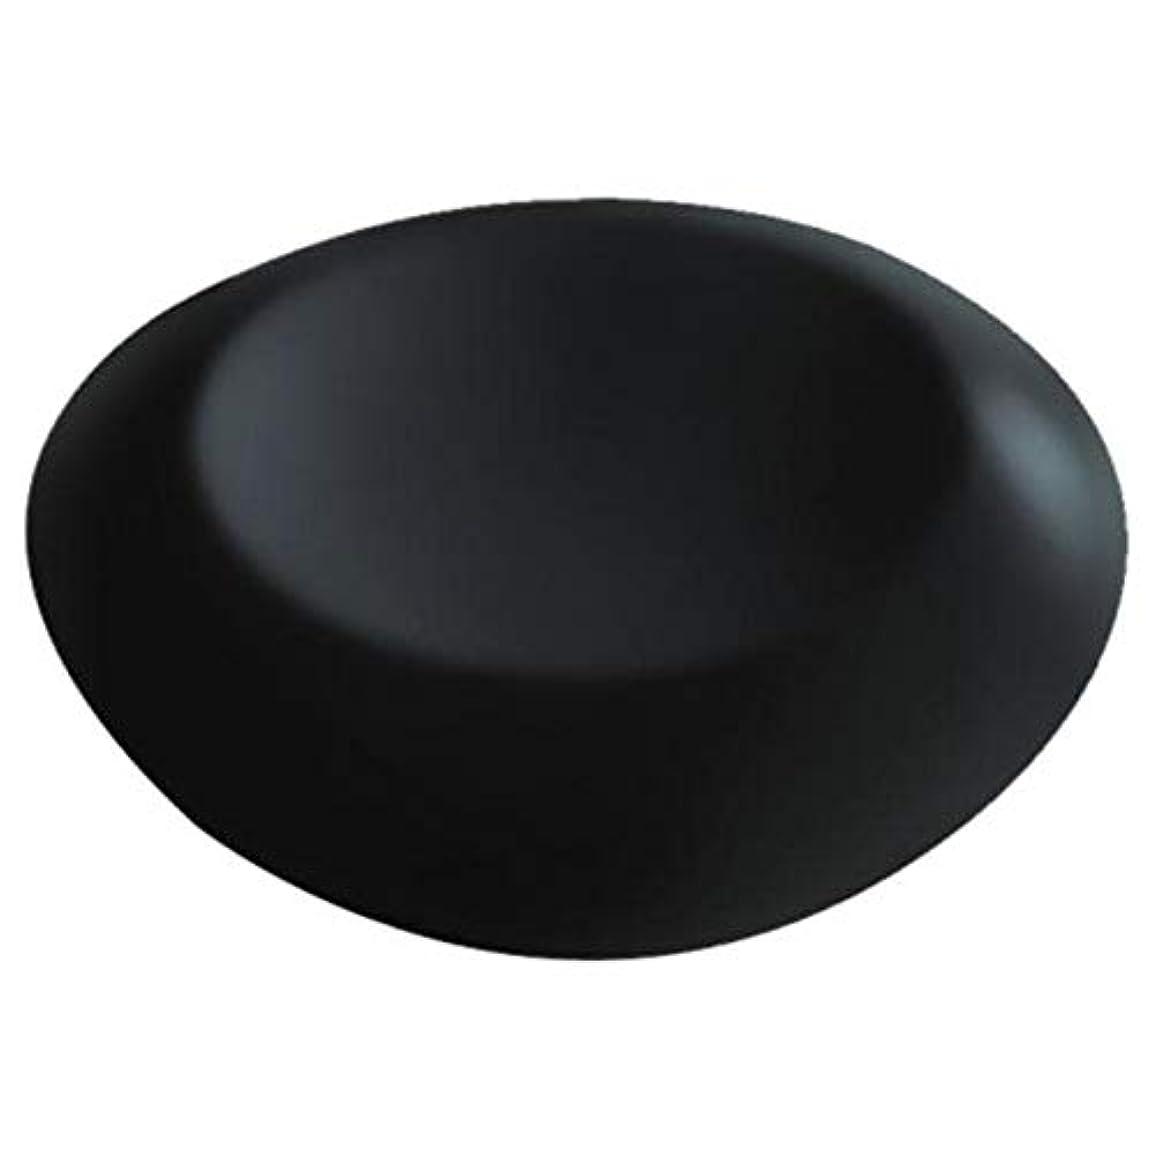 合計注釈を付ける男性滑り止めサクションカップ付きラウンドバスヘッドレストPUバスクッション人間工学に基づいたホームスパヘッドレスト